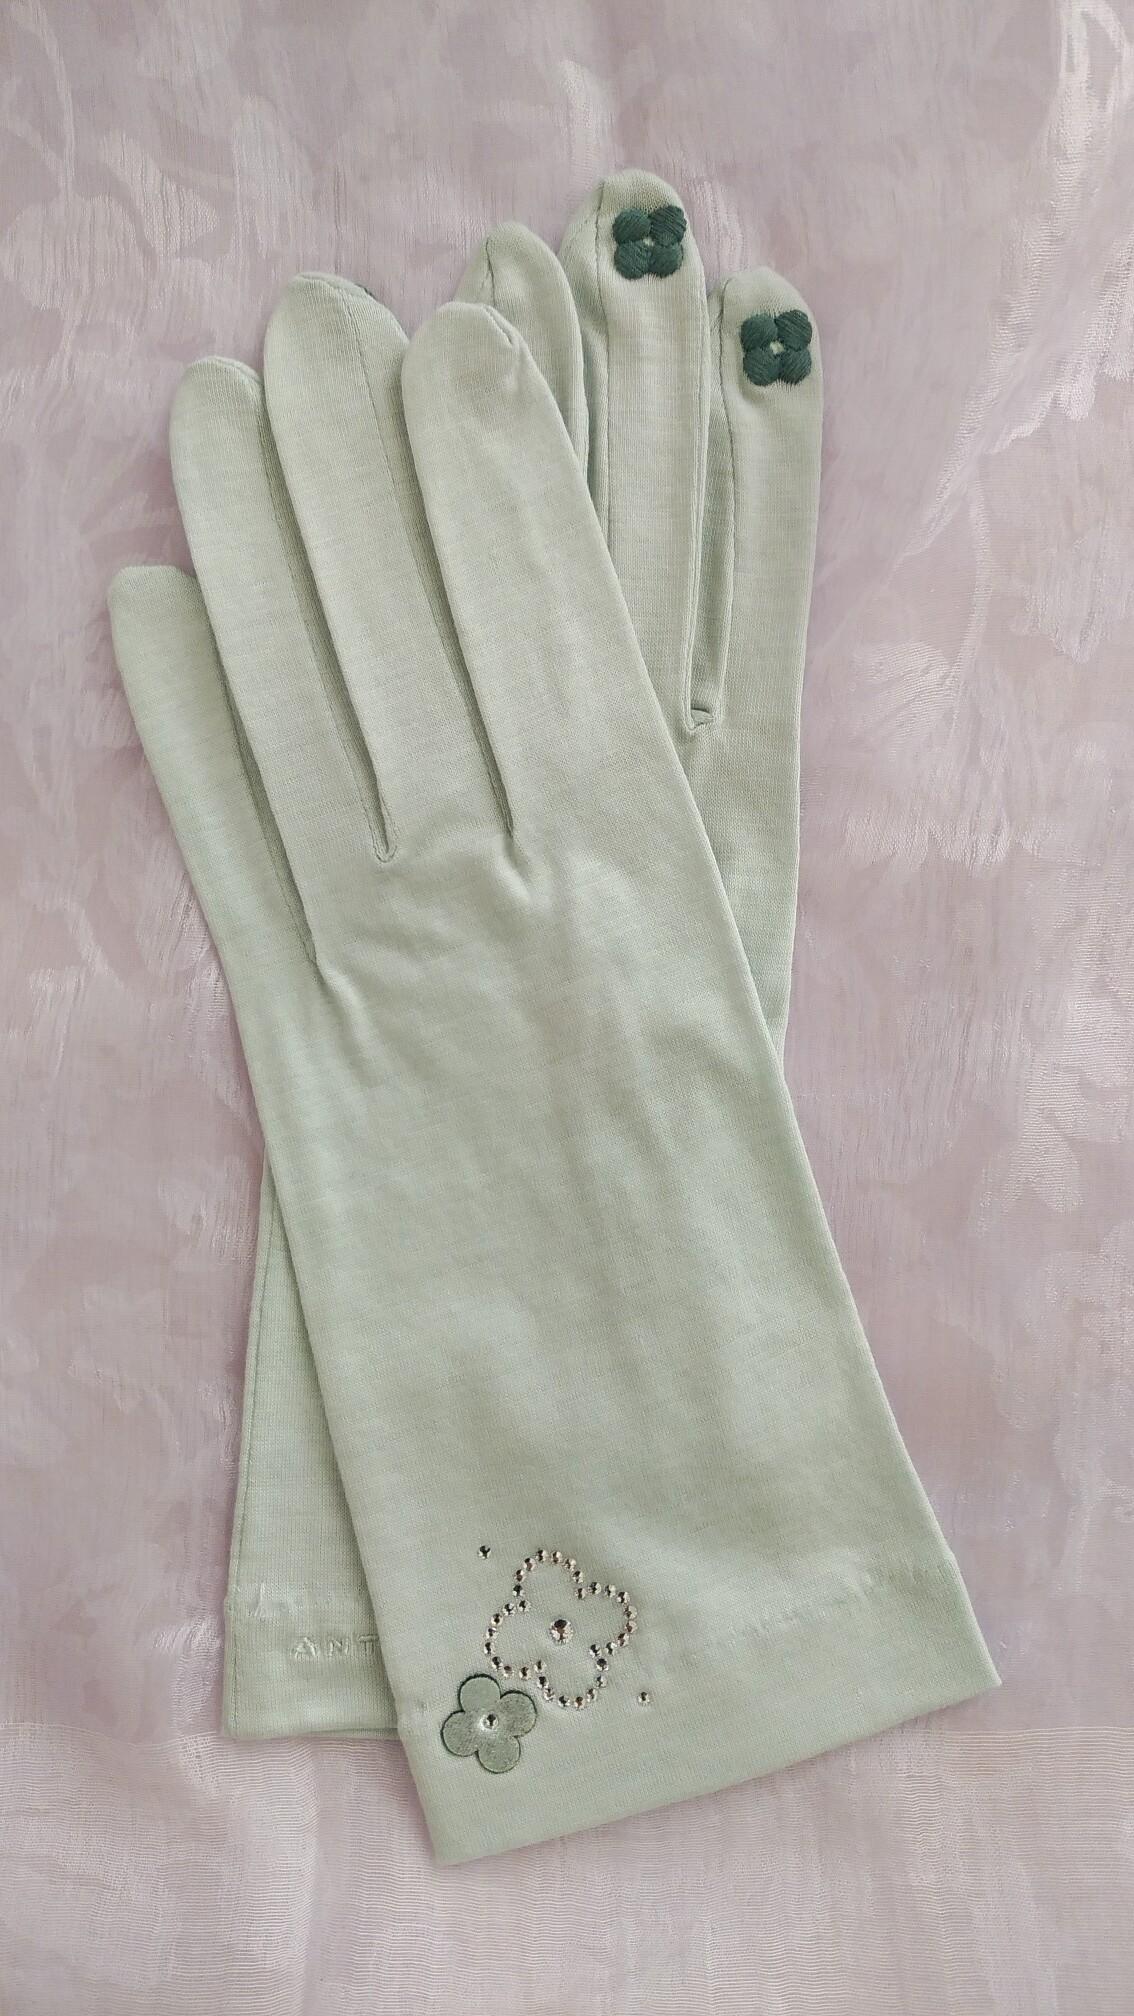 ミントグリーンの手袋